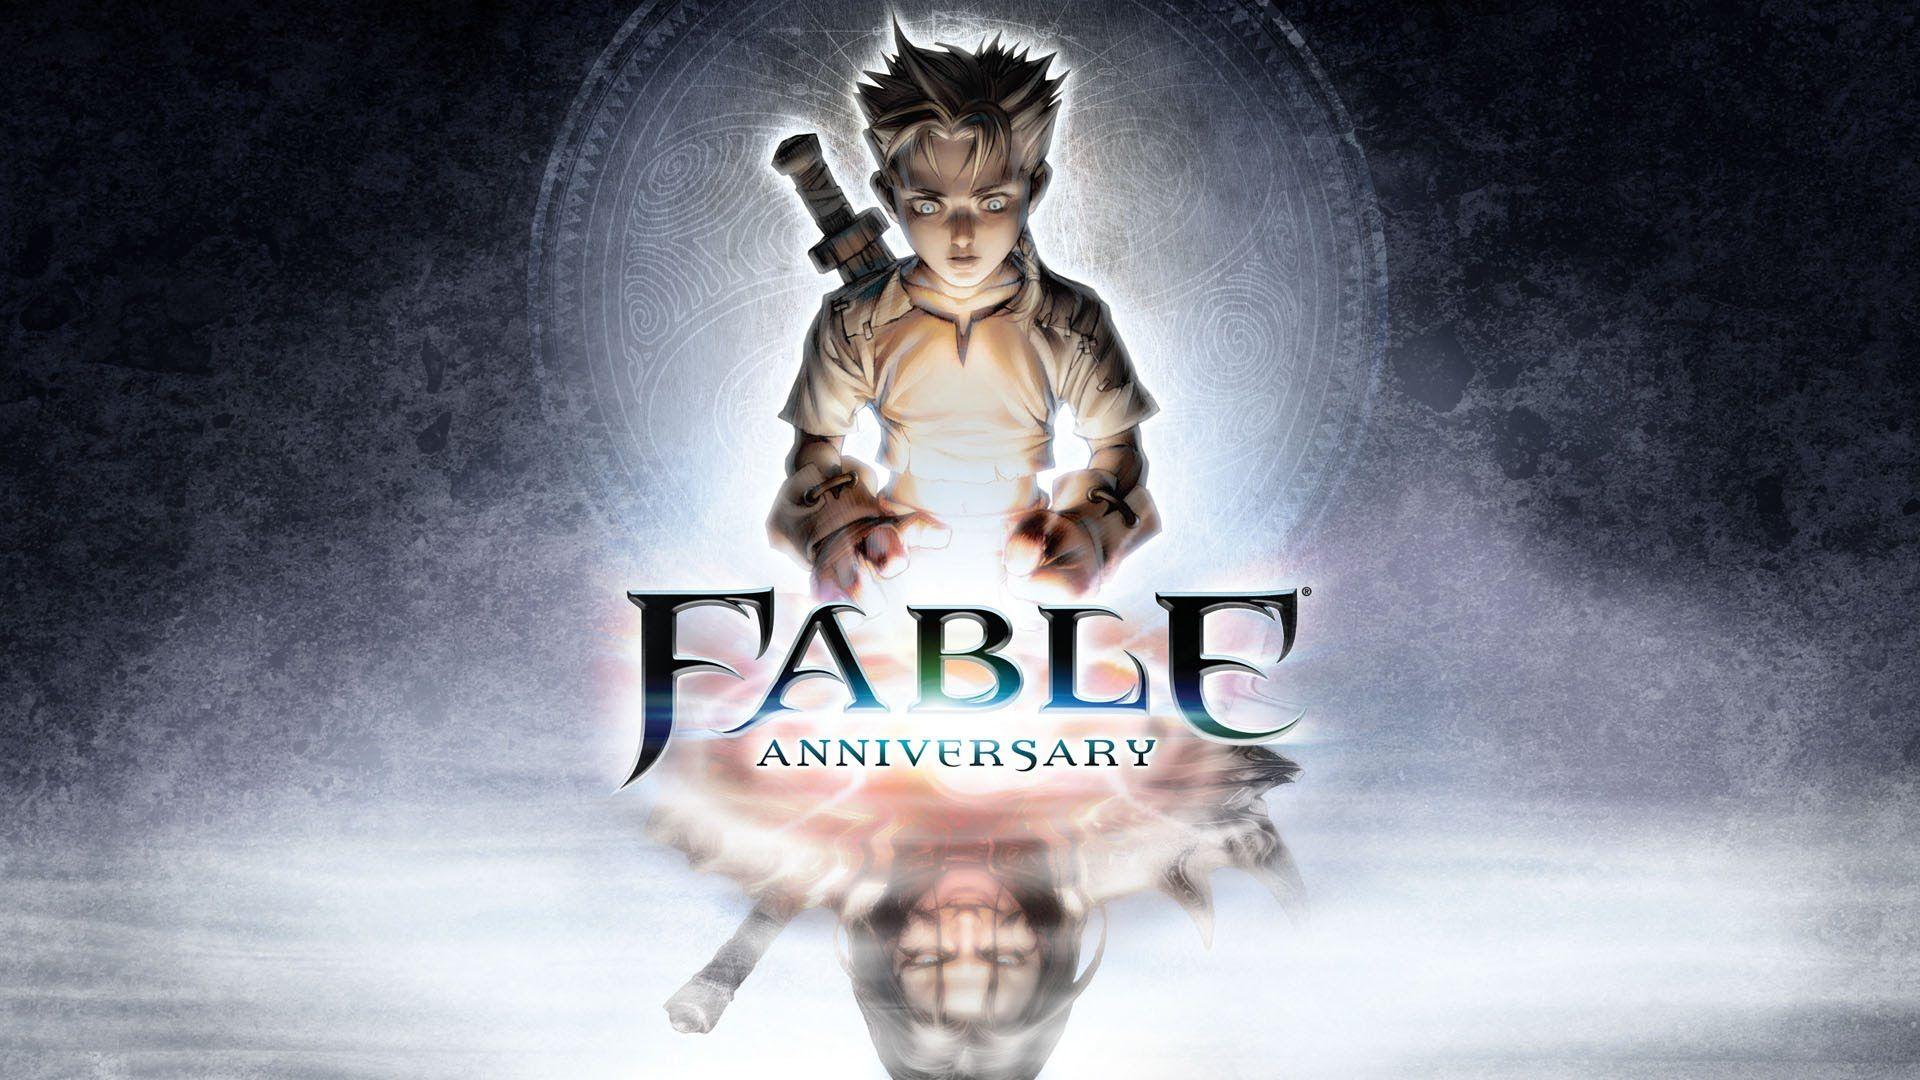 Descargar Fable The Lost Chapters Pc Español Full 2015 Instalacion Paso A Paso Juegos De Aniversario Fabulas Juegos Pc